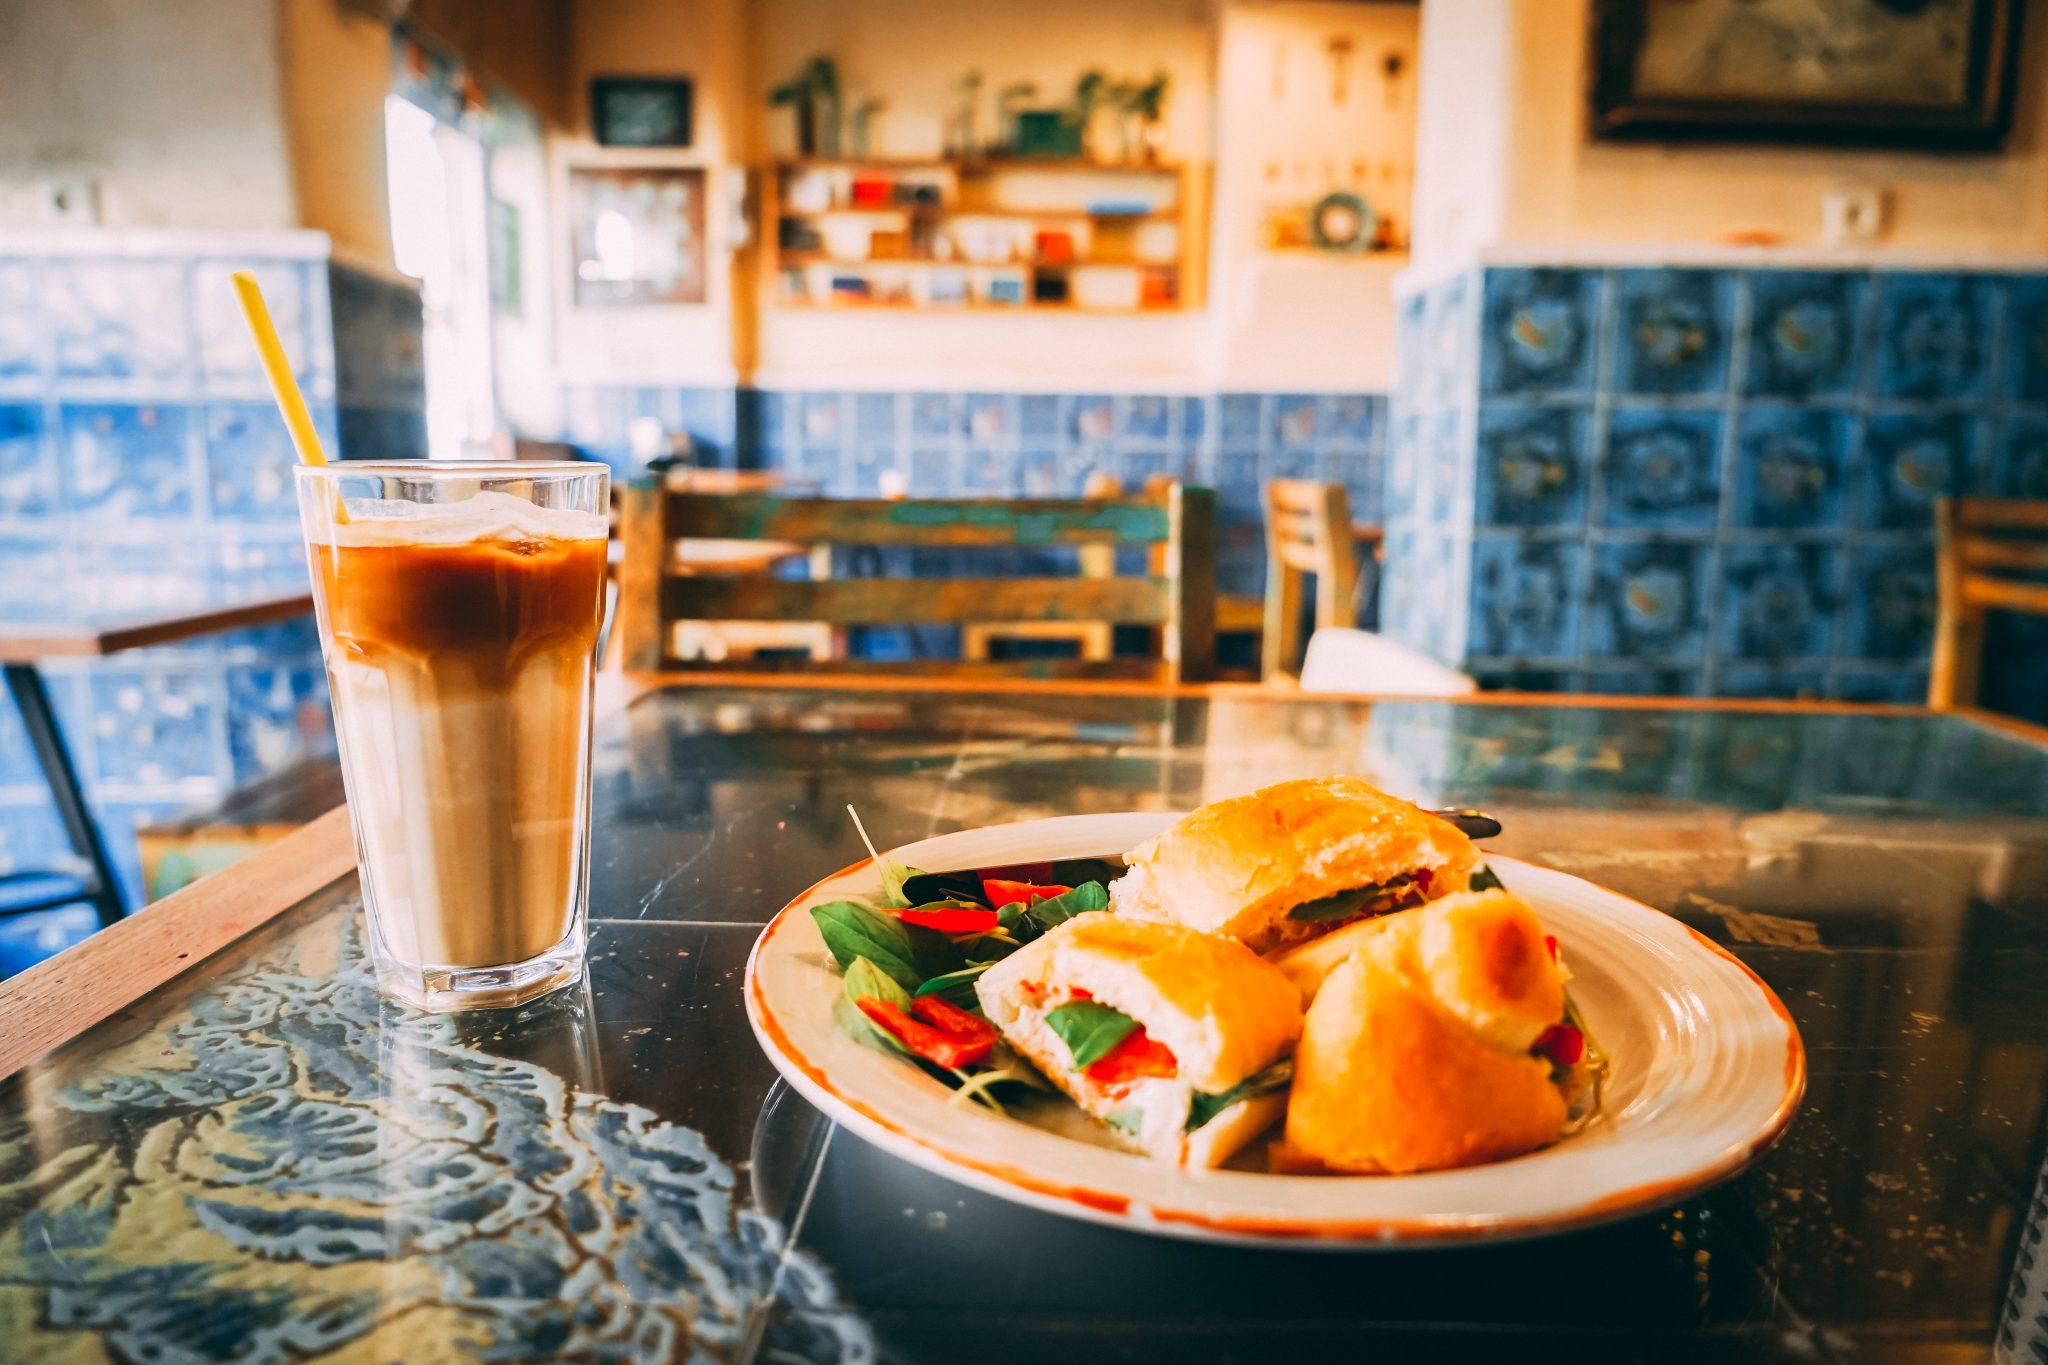 Город Шираз. Кафе Фердоуси и другие достопримечательности Шираза (фото) в блоге bazariran.ru